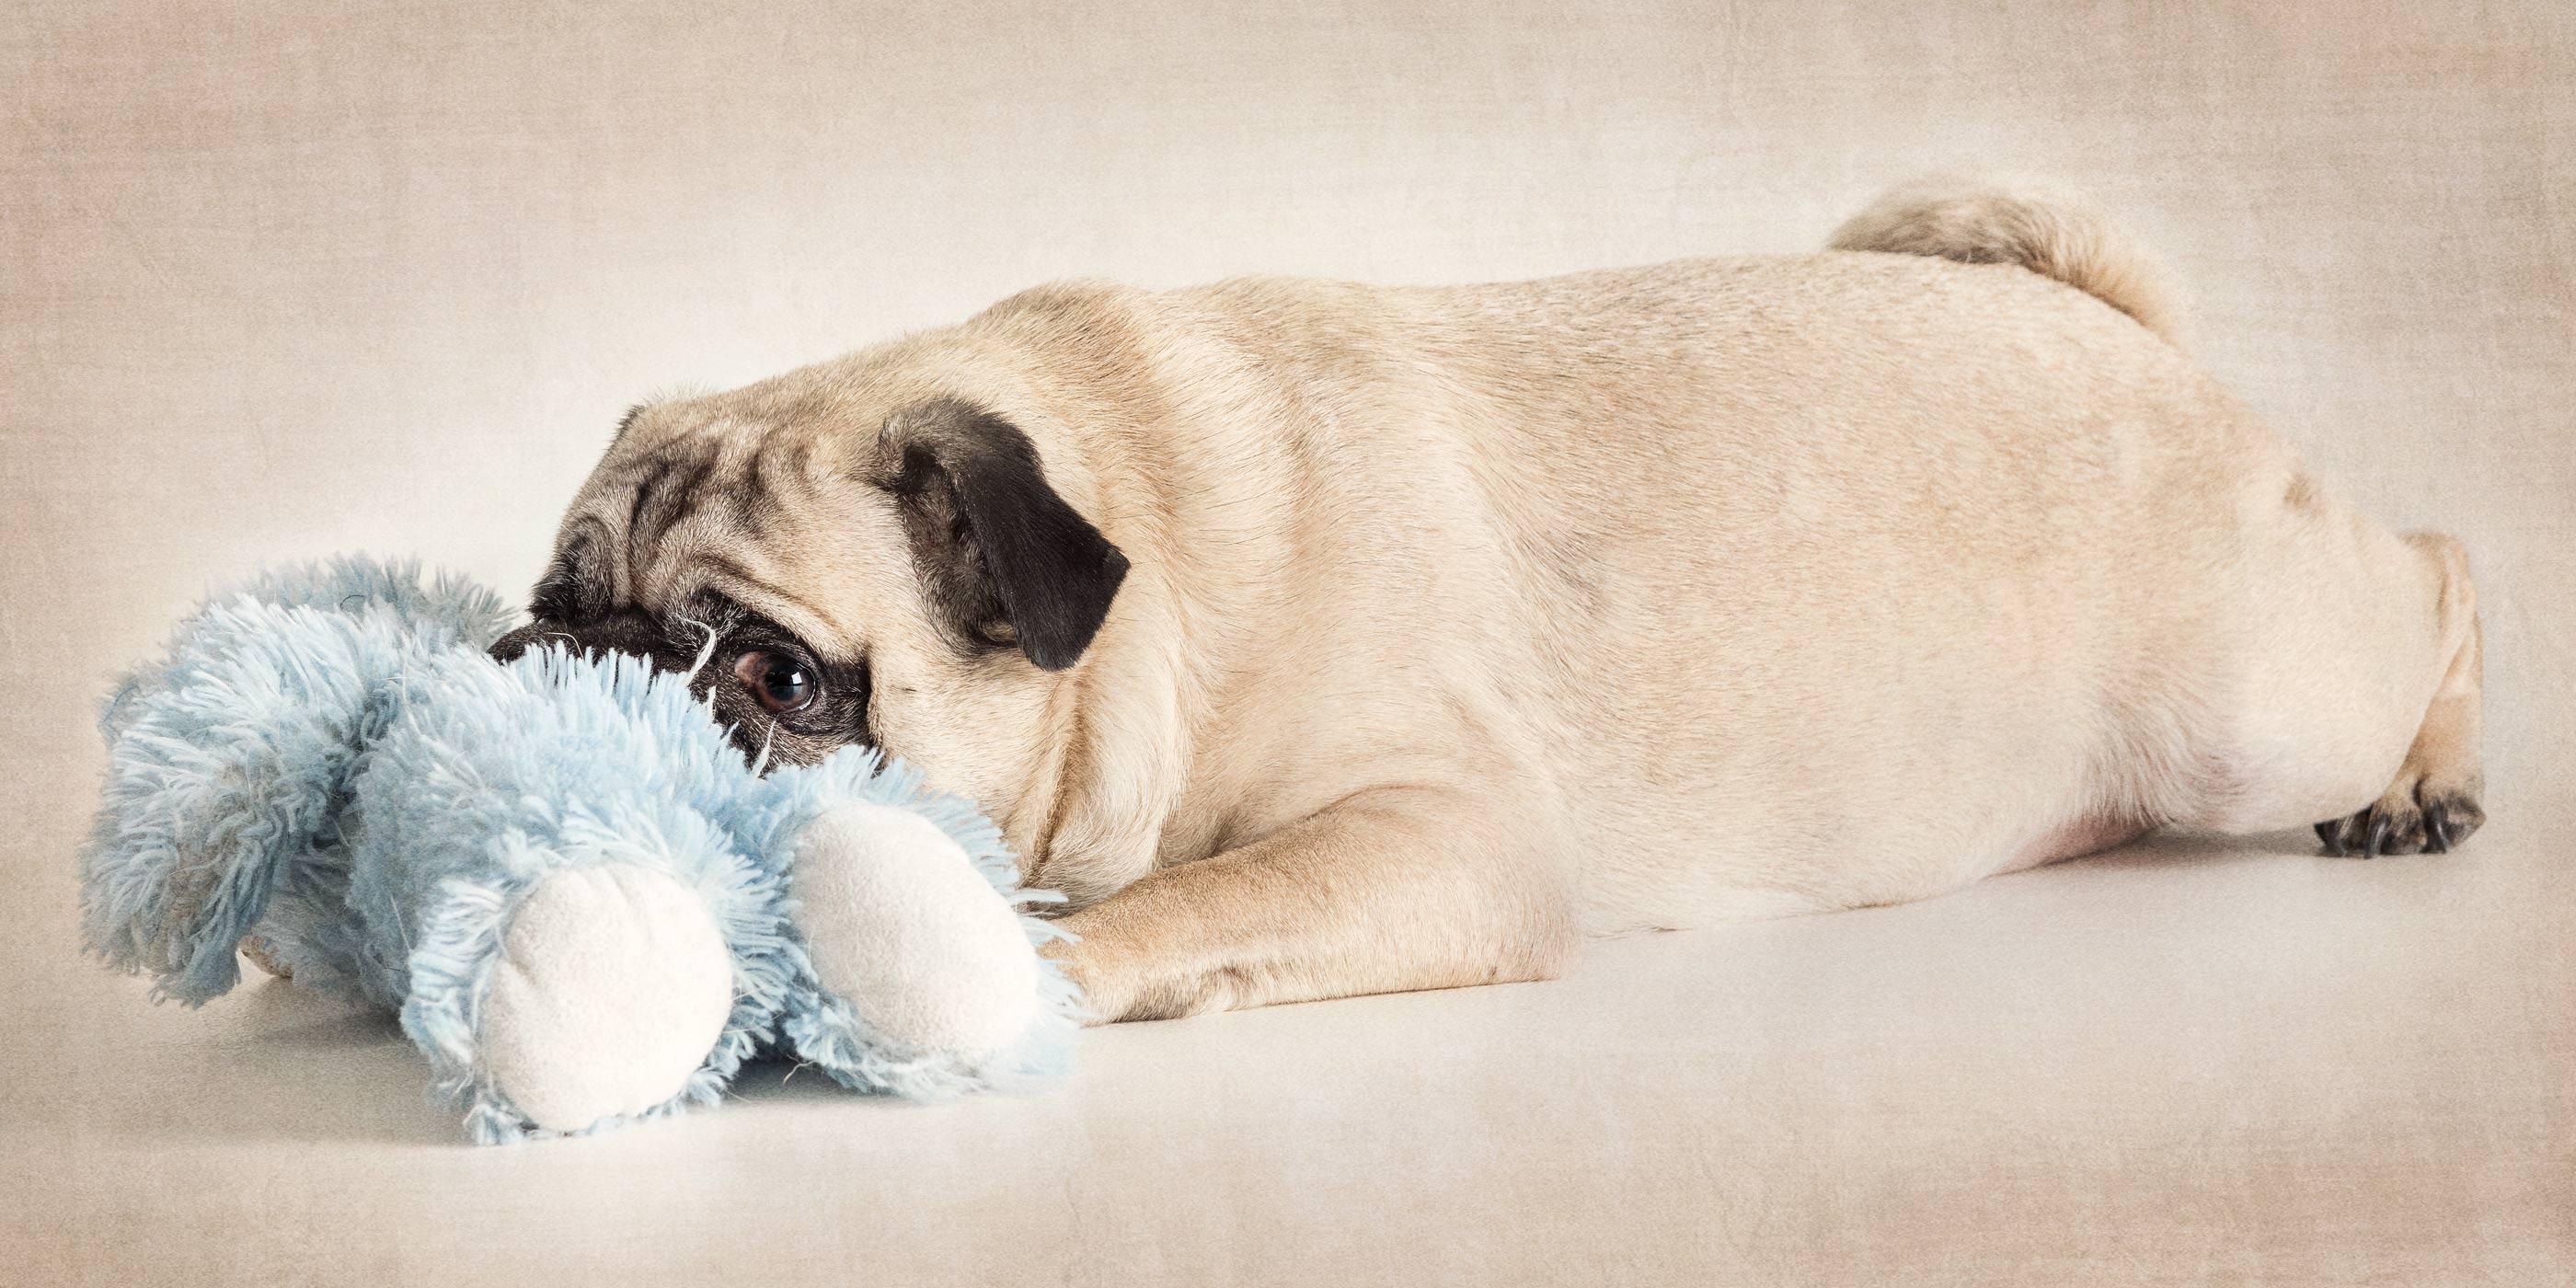 fawn pug with blue teddy bear